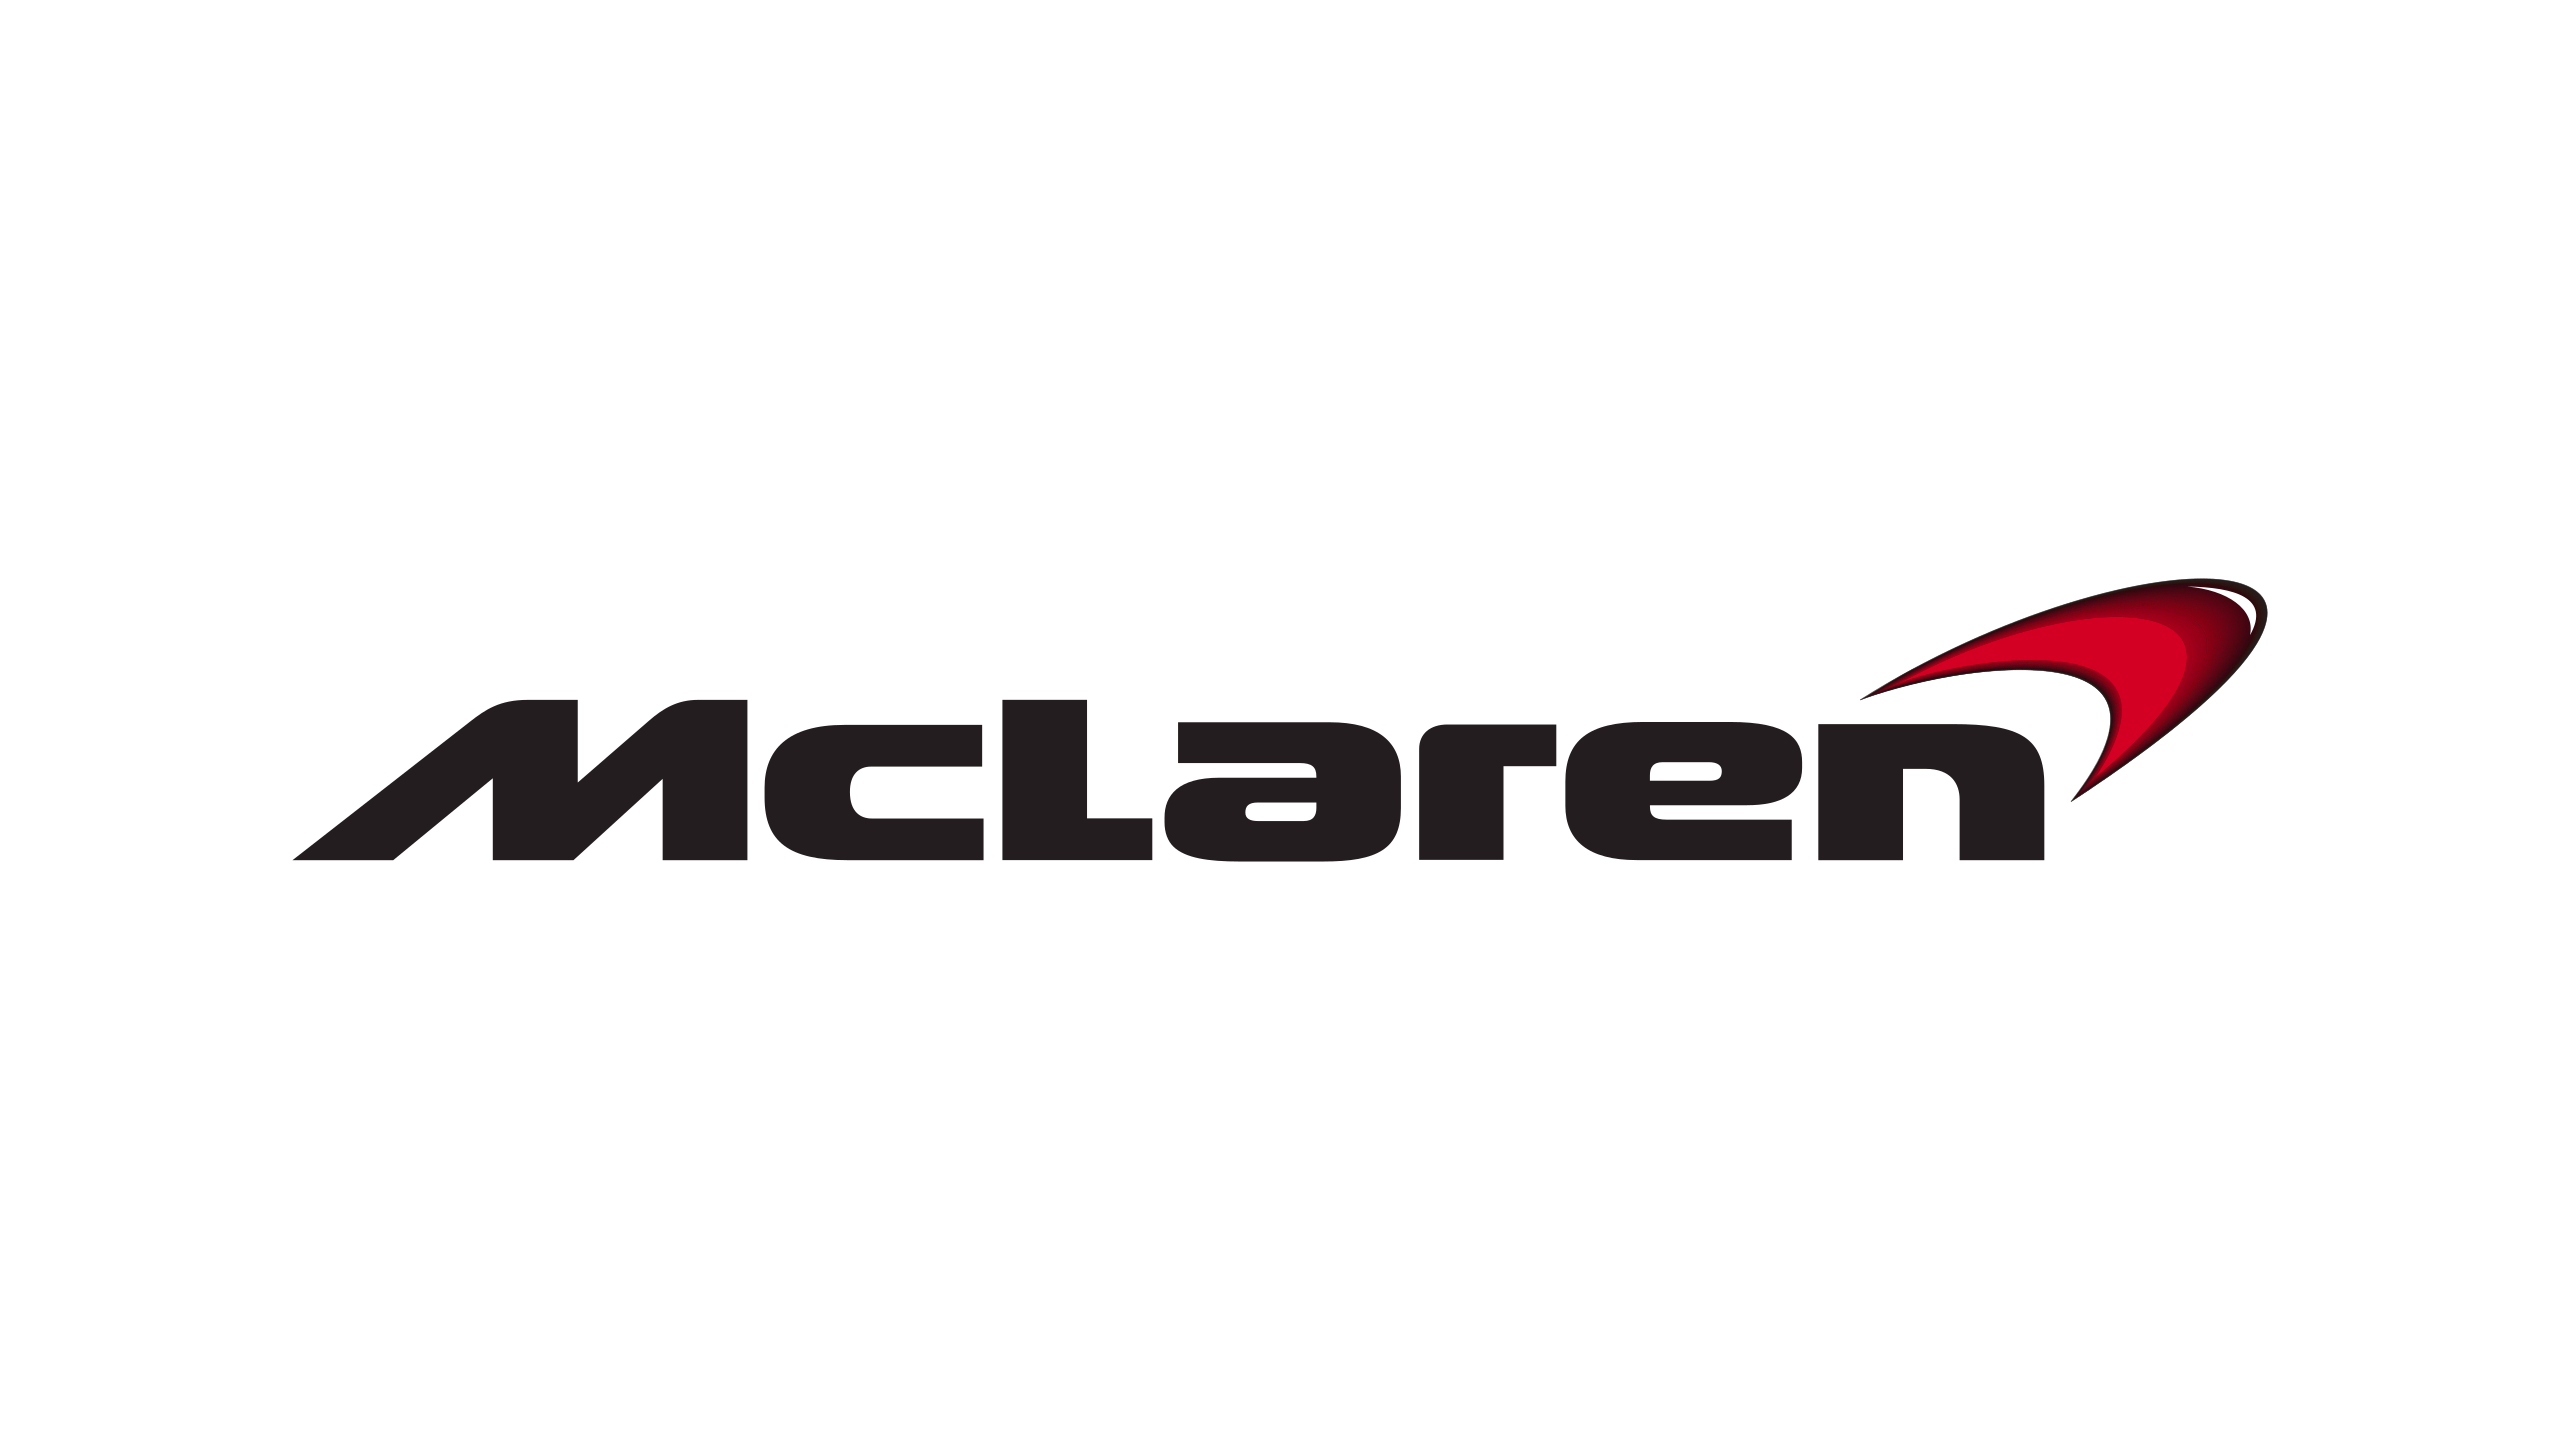 Mclaren Logo Hd Png Meaning Information Carlogos Org